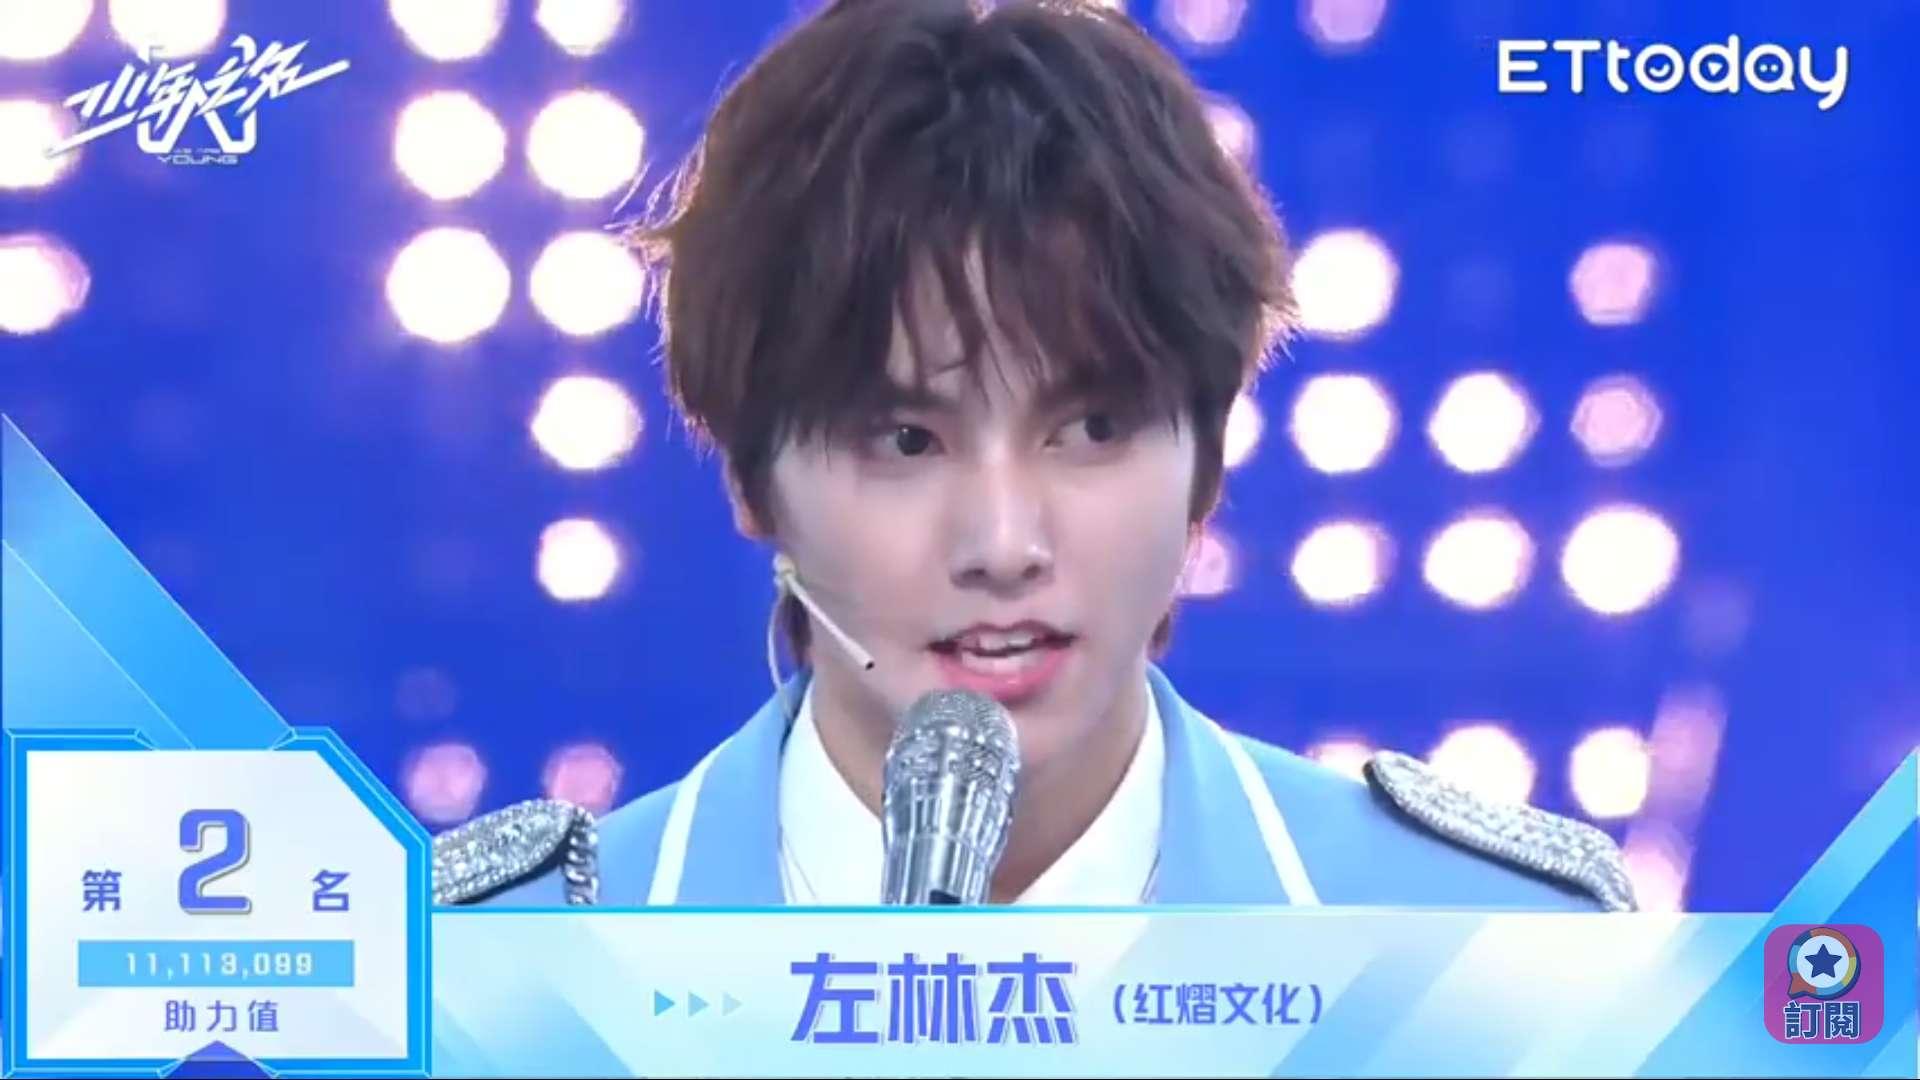 Zuo Linjie